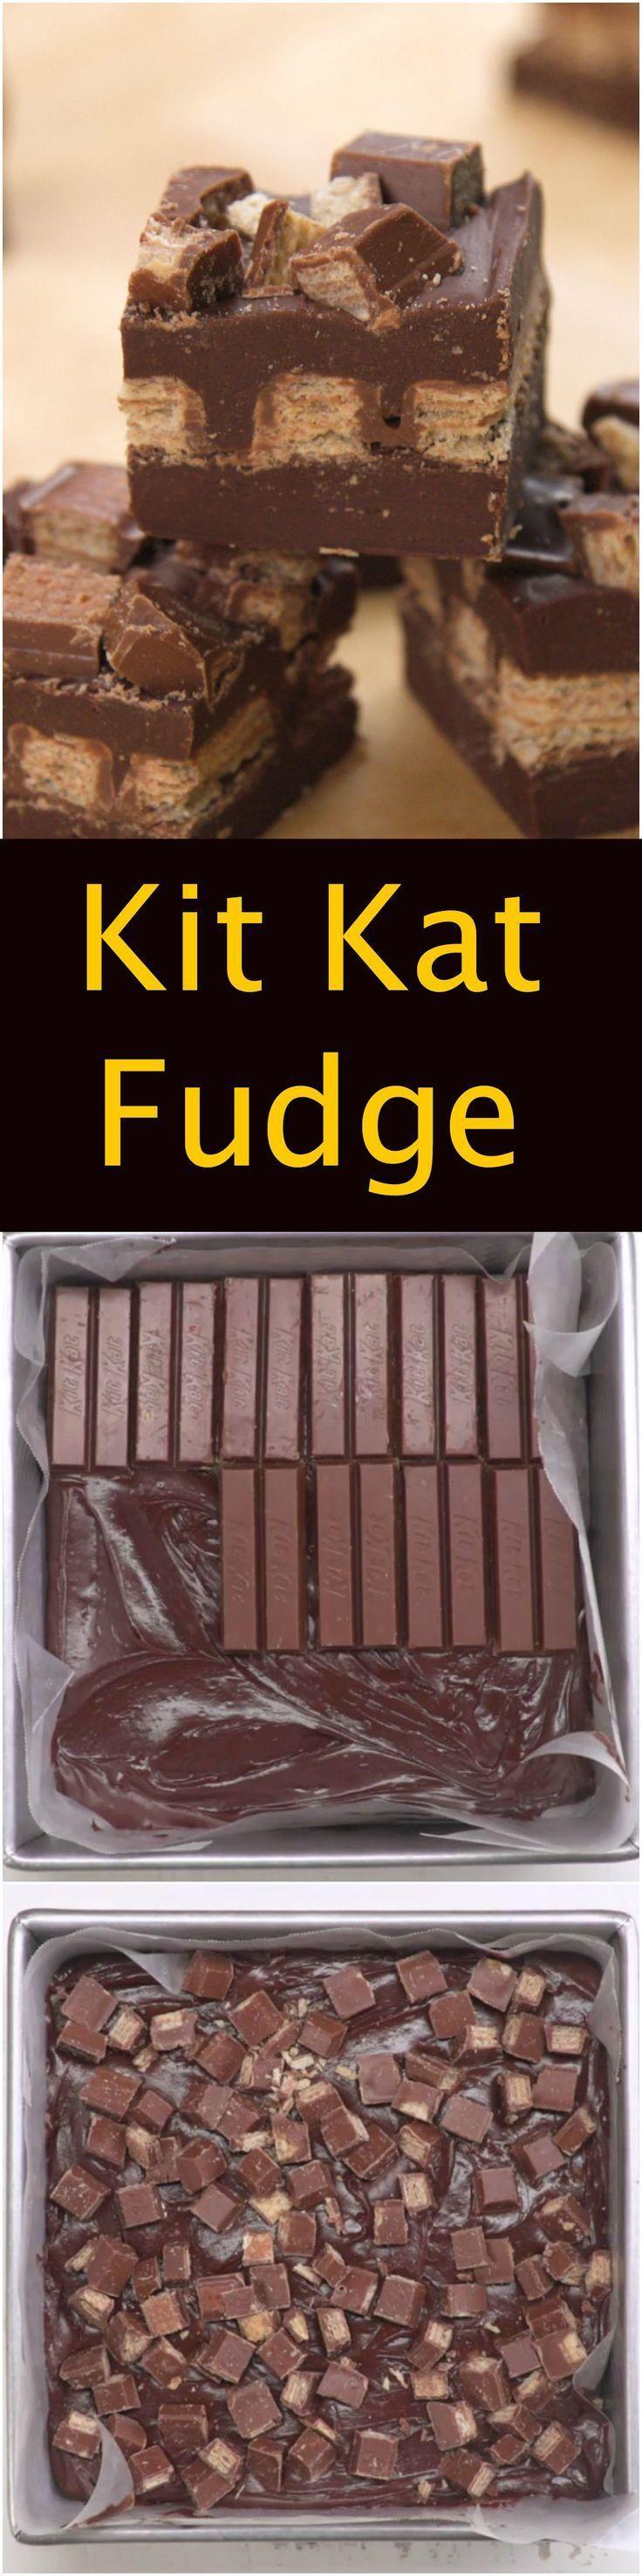 Kit Kat Fudge (Party Top Desserts)